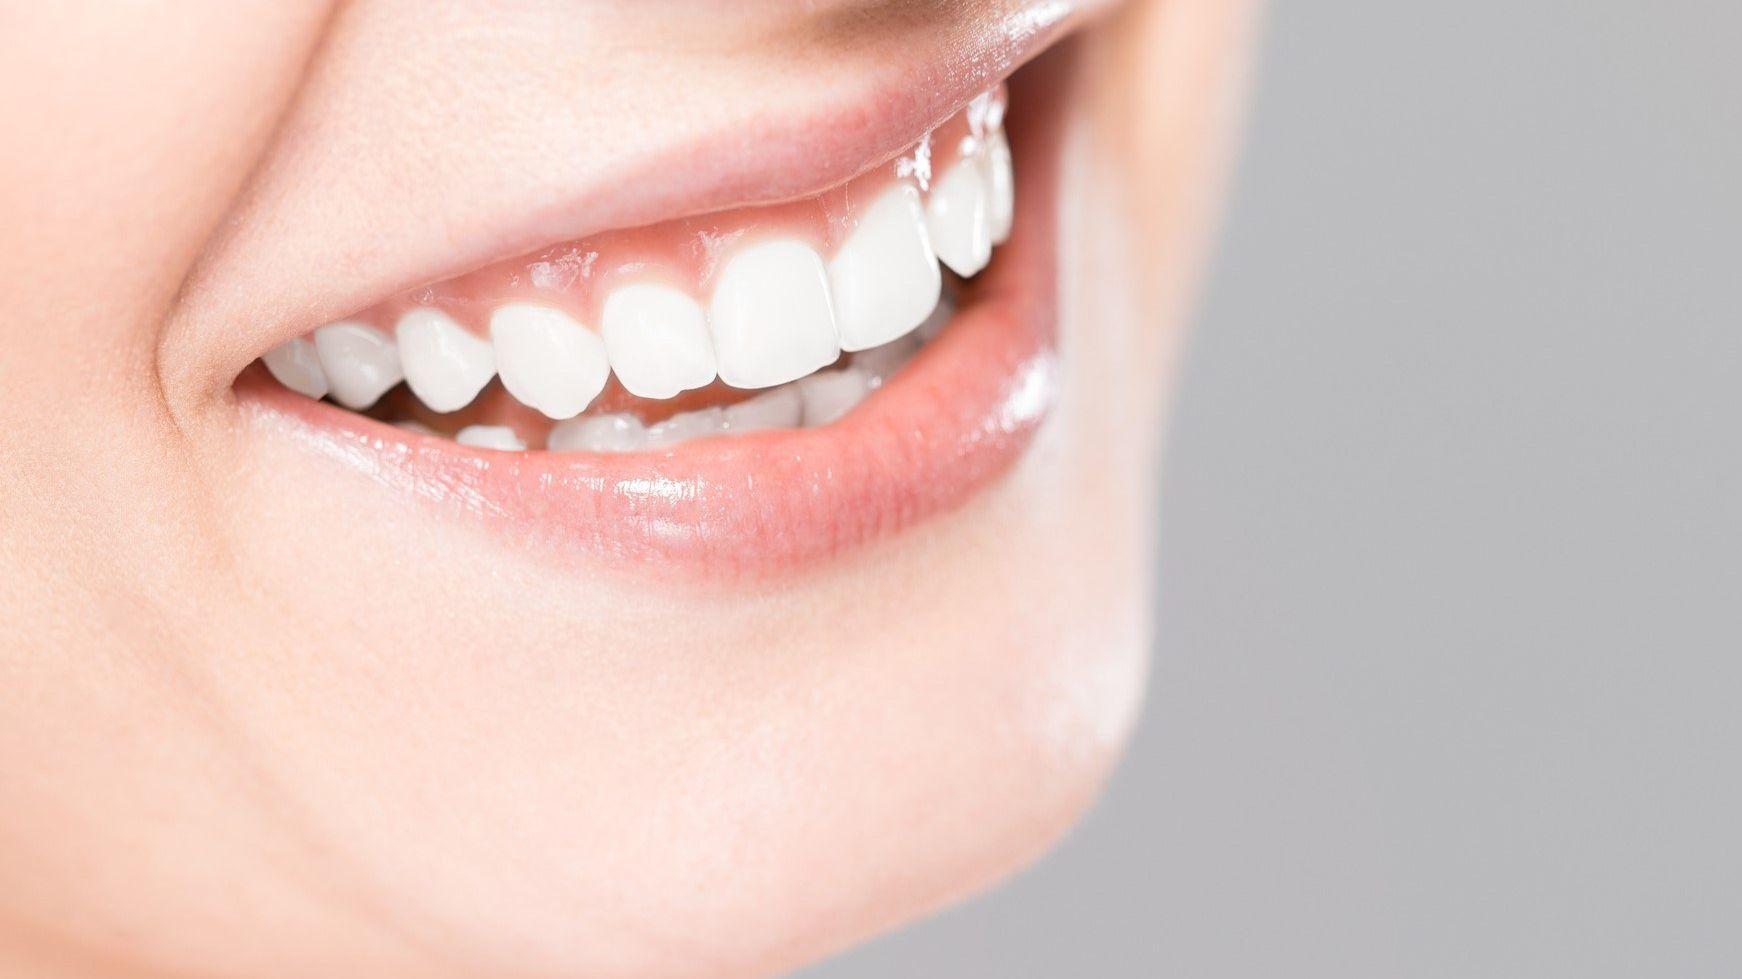 Aus für Karies und Kreidezähne mit neuer Zahnreparatur?